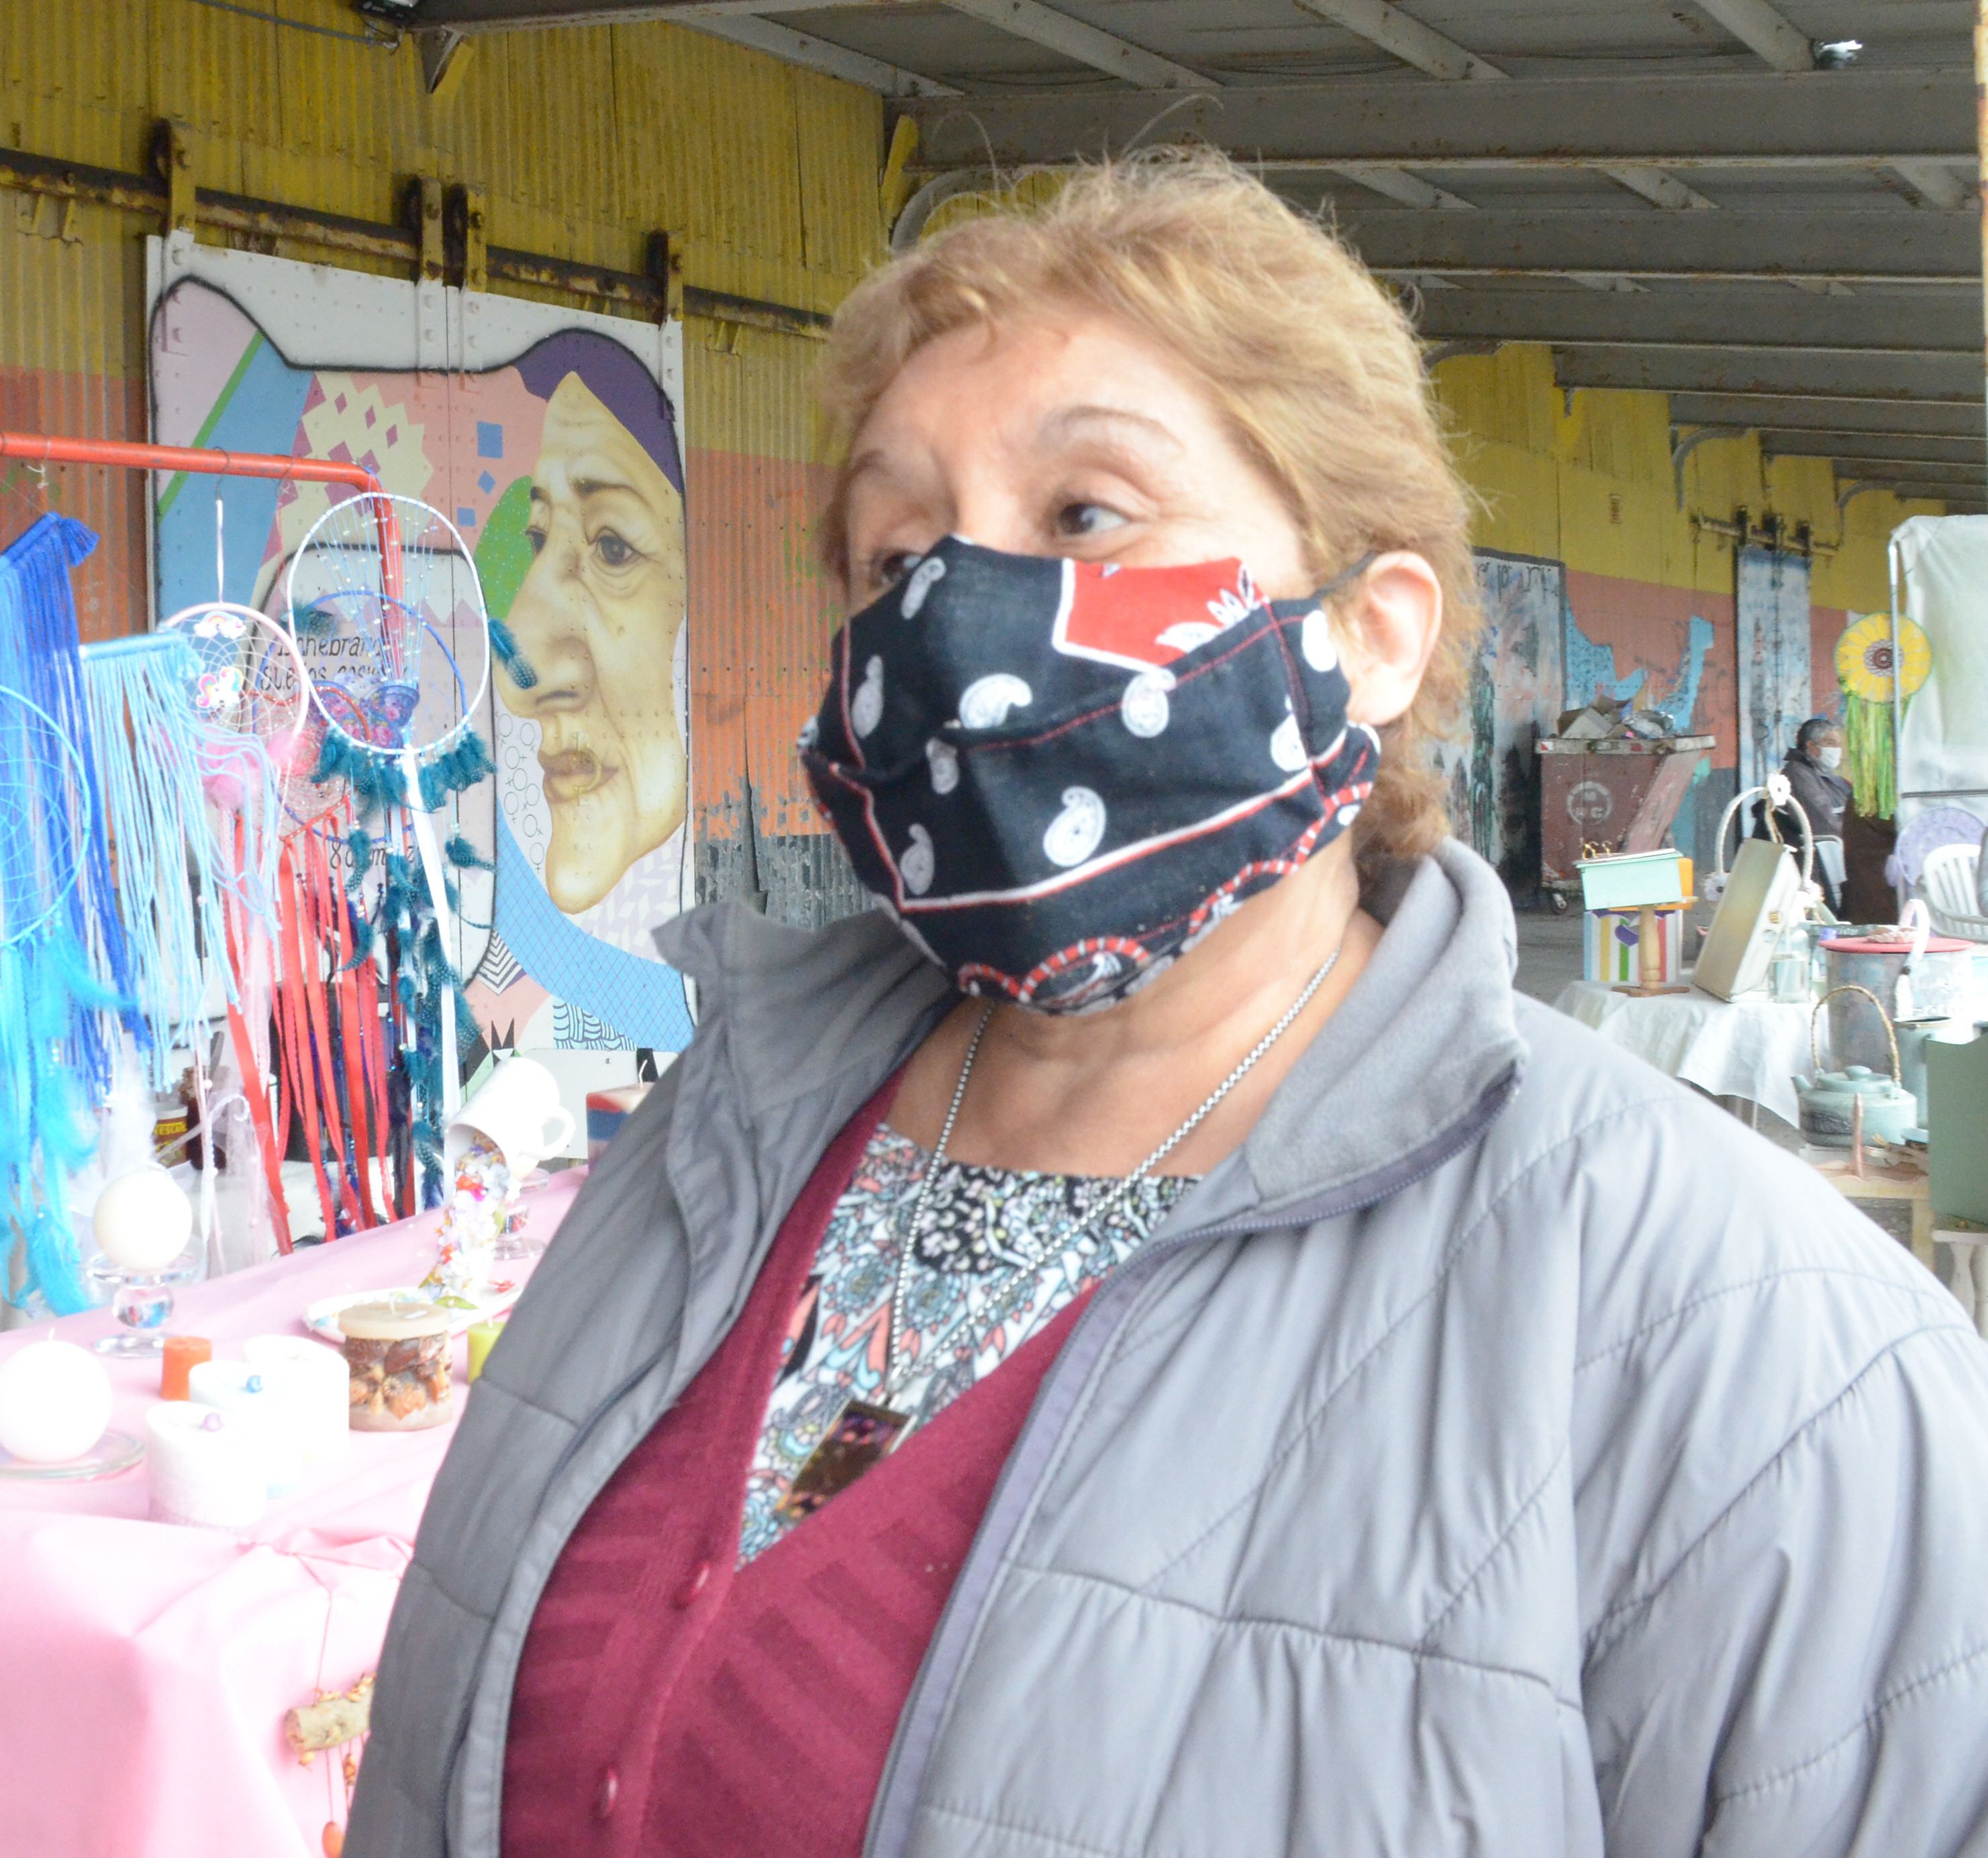 Rosa Muñoz, artesana del galpón costero. FOTO: MIRTA VELÁSQUEZ7LA OPINIÓN AUSTRAL